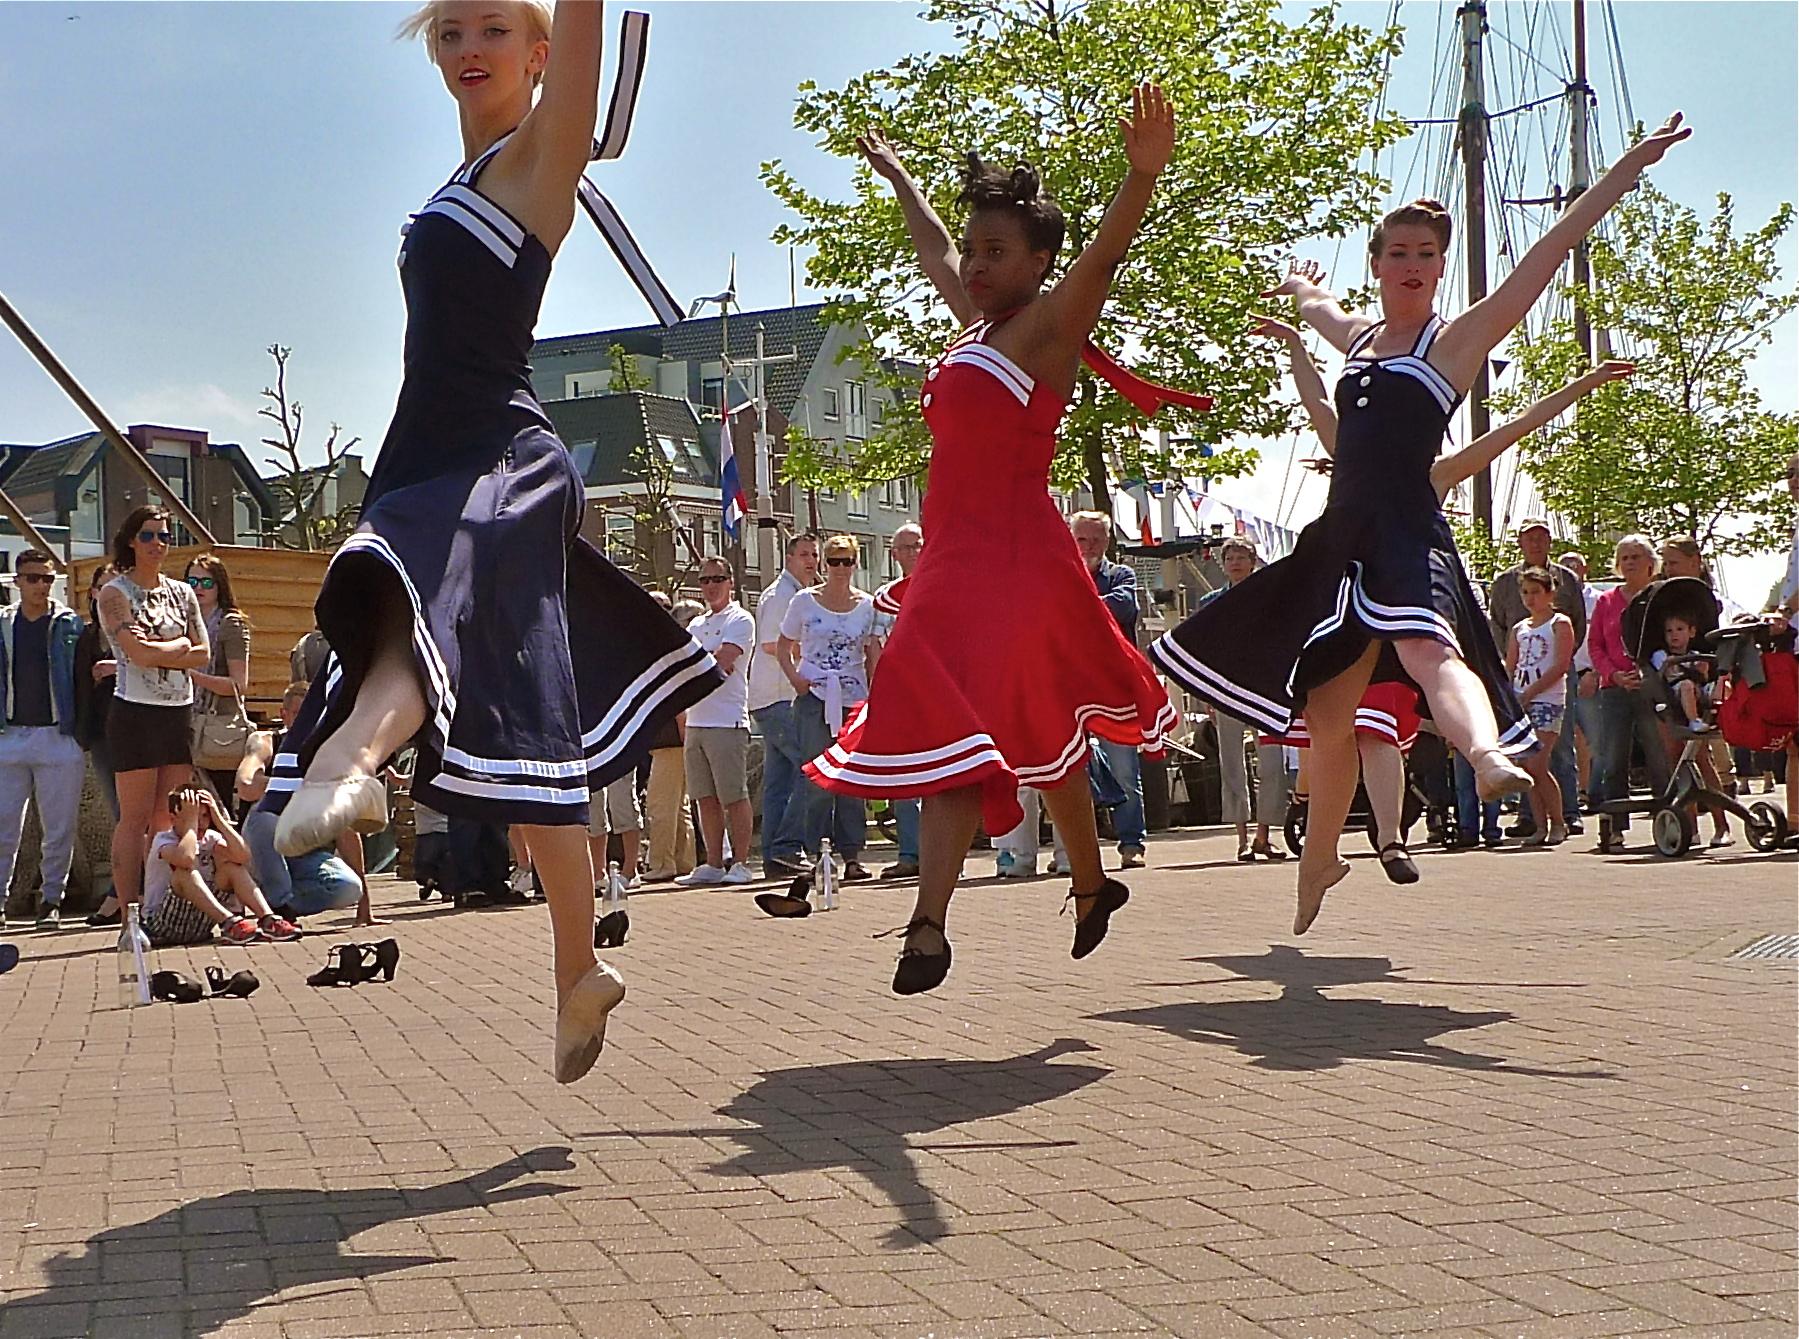 Optreden maritiem feest maassluis 400 jaar Het Danskantoor